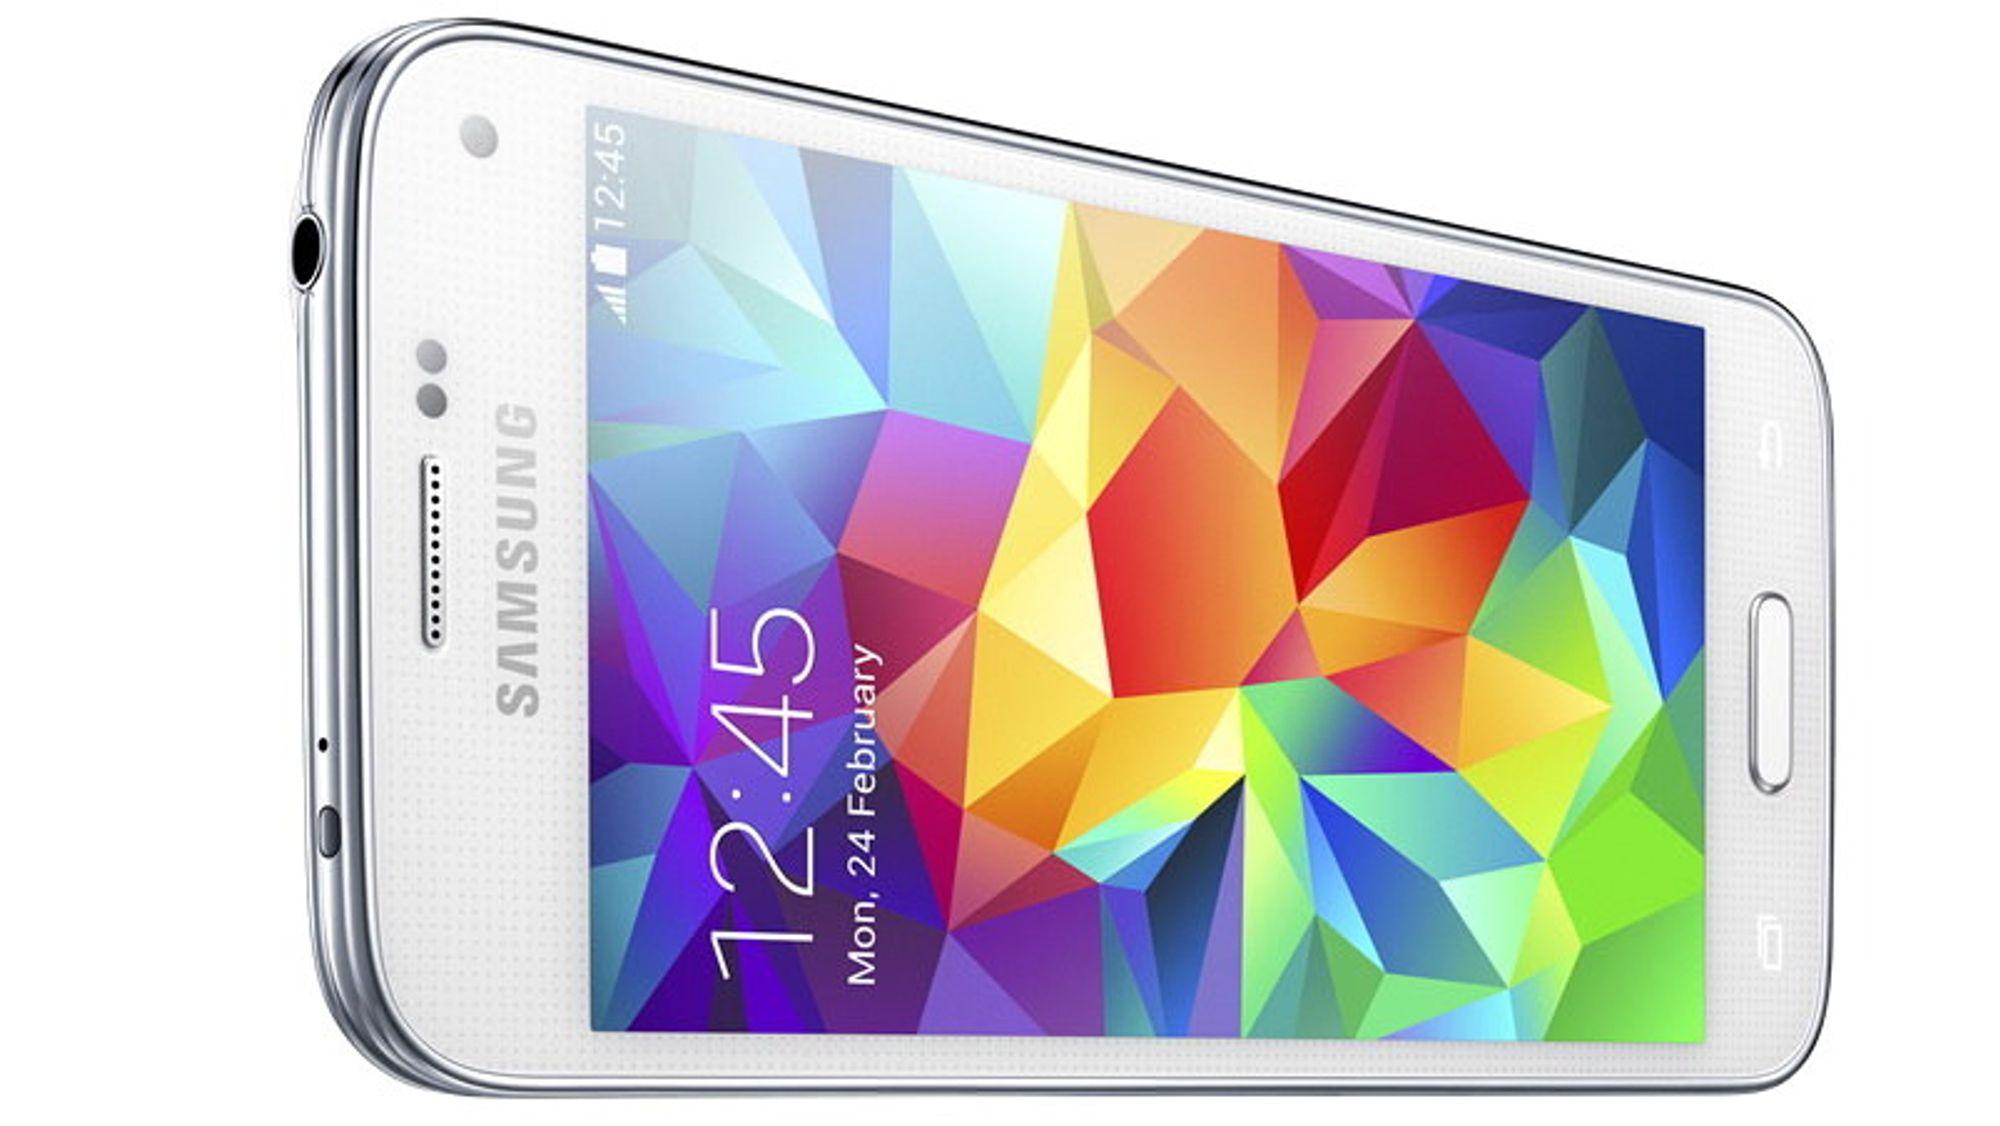 Samsung Galaxy S5 Mini er en mindre utgave av Galaxy S5. Spesifikasjonslisten er også krympet.